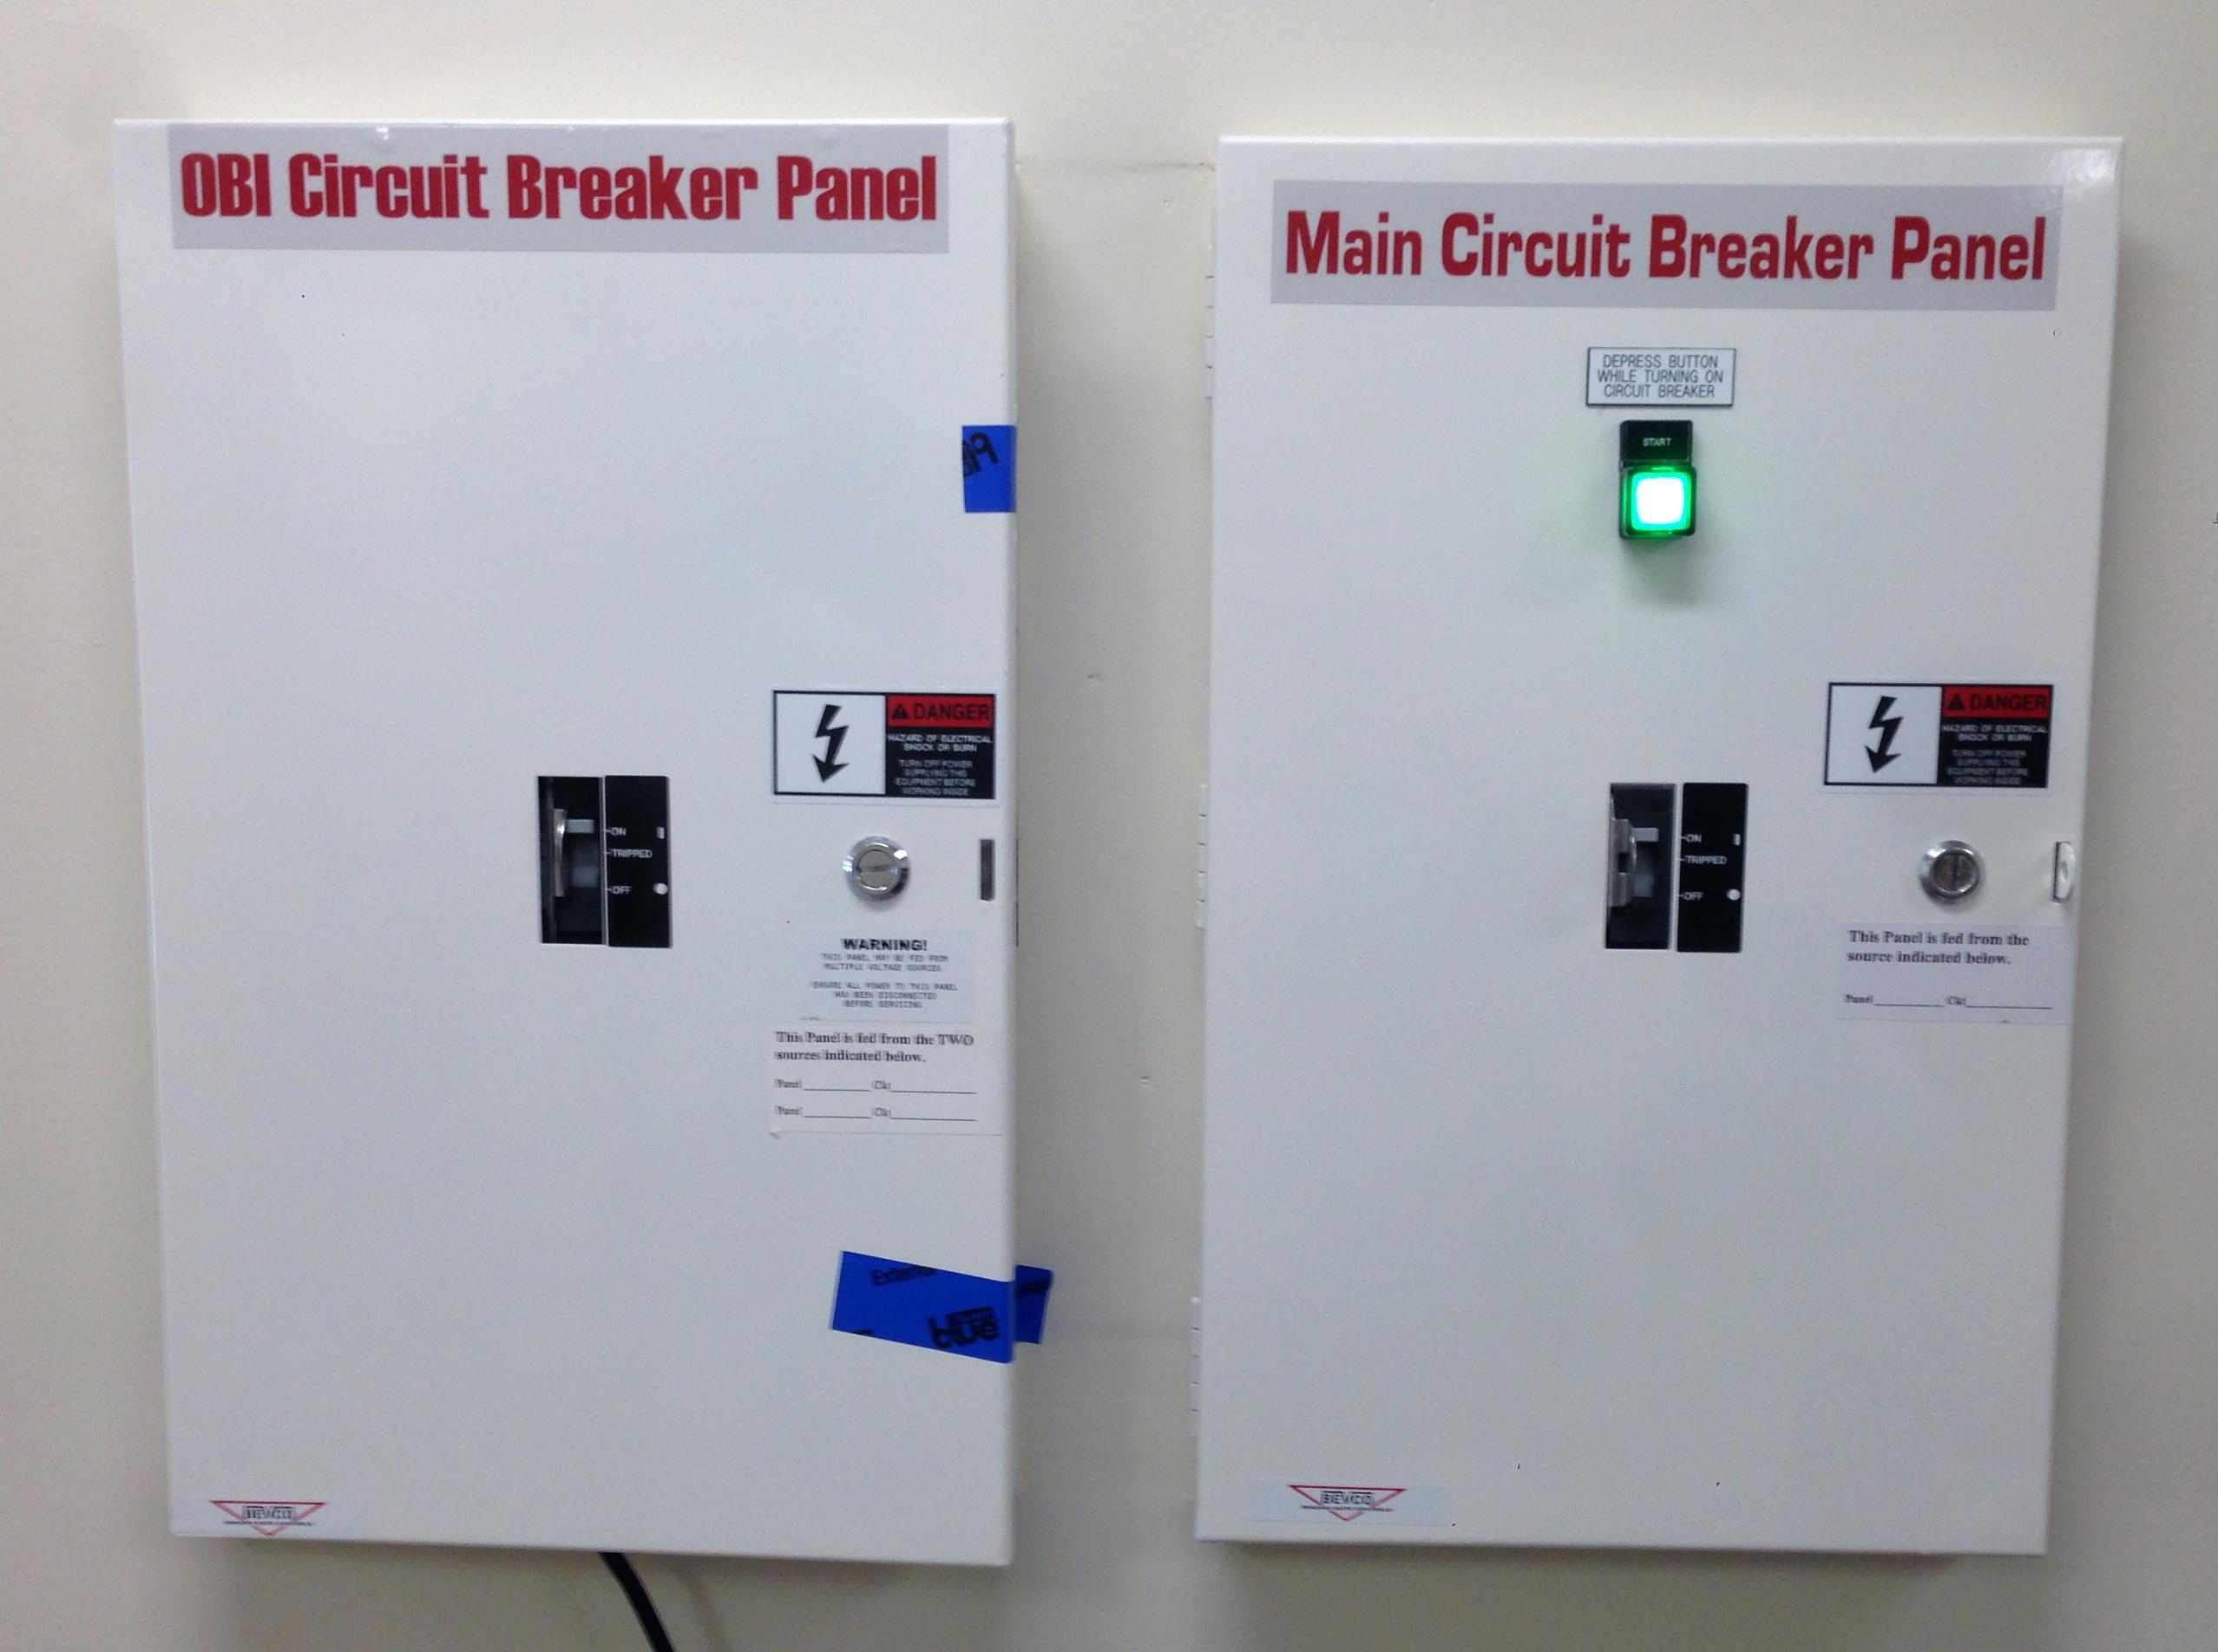 OBI Breaker Panels